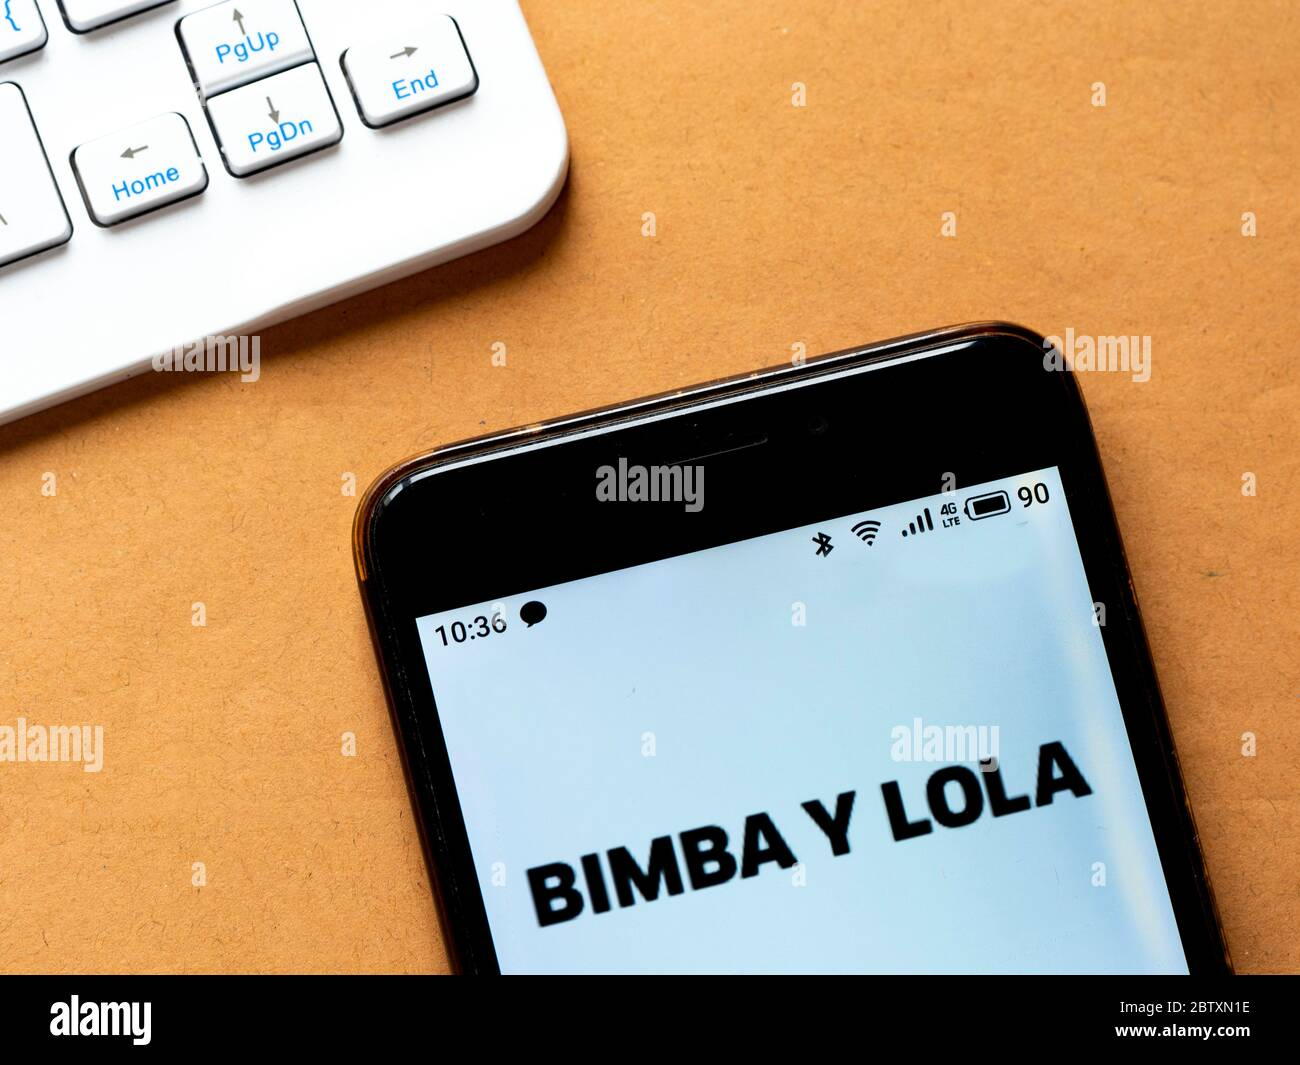 Ukraine. 28 mai 2020. Sur cette photo, un logo Bimba y Lola apparaît sur un smartphone. Crédit: Igor Golovniov/SOPA Images/ZUMA Wire/Alamy Live News Banque D'Images